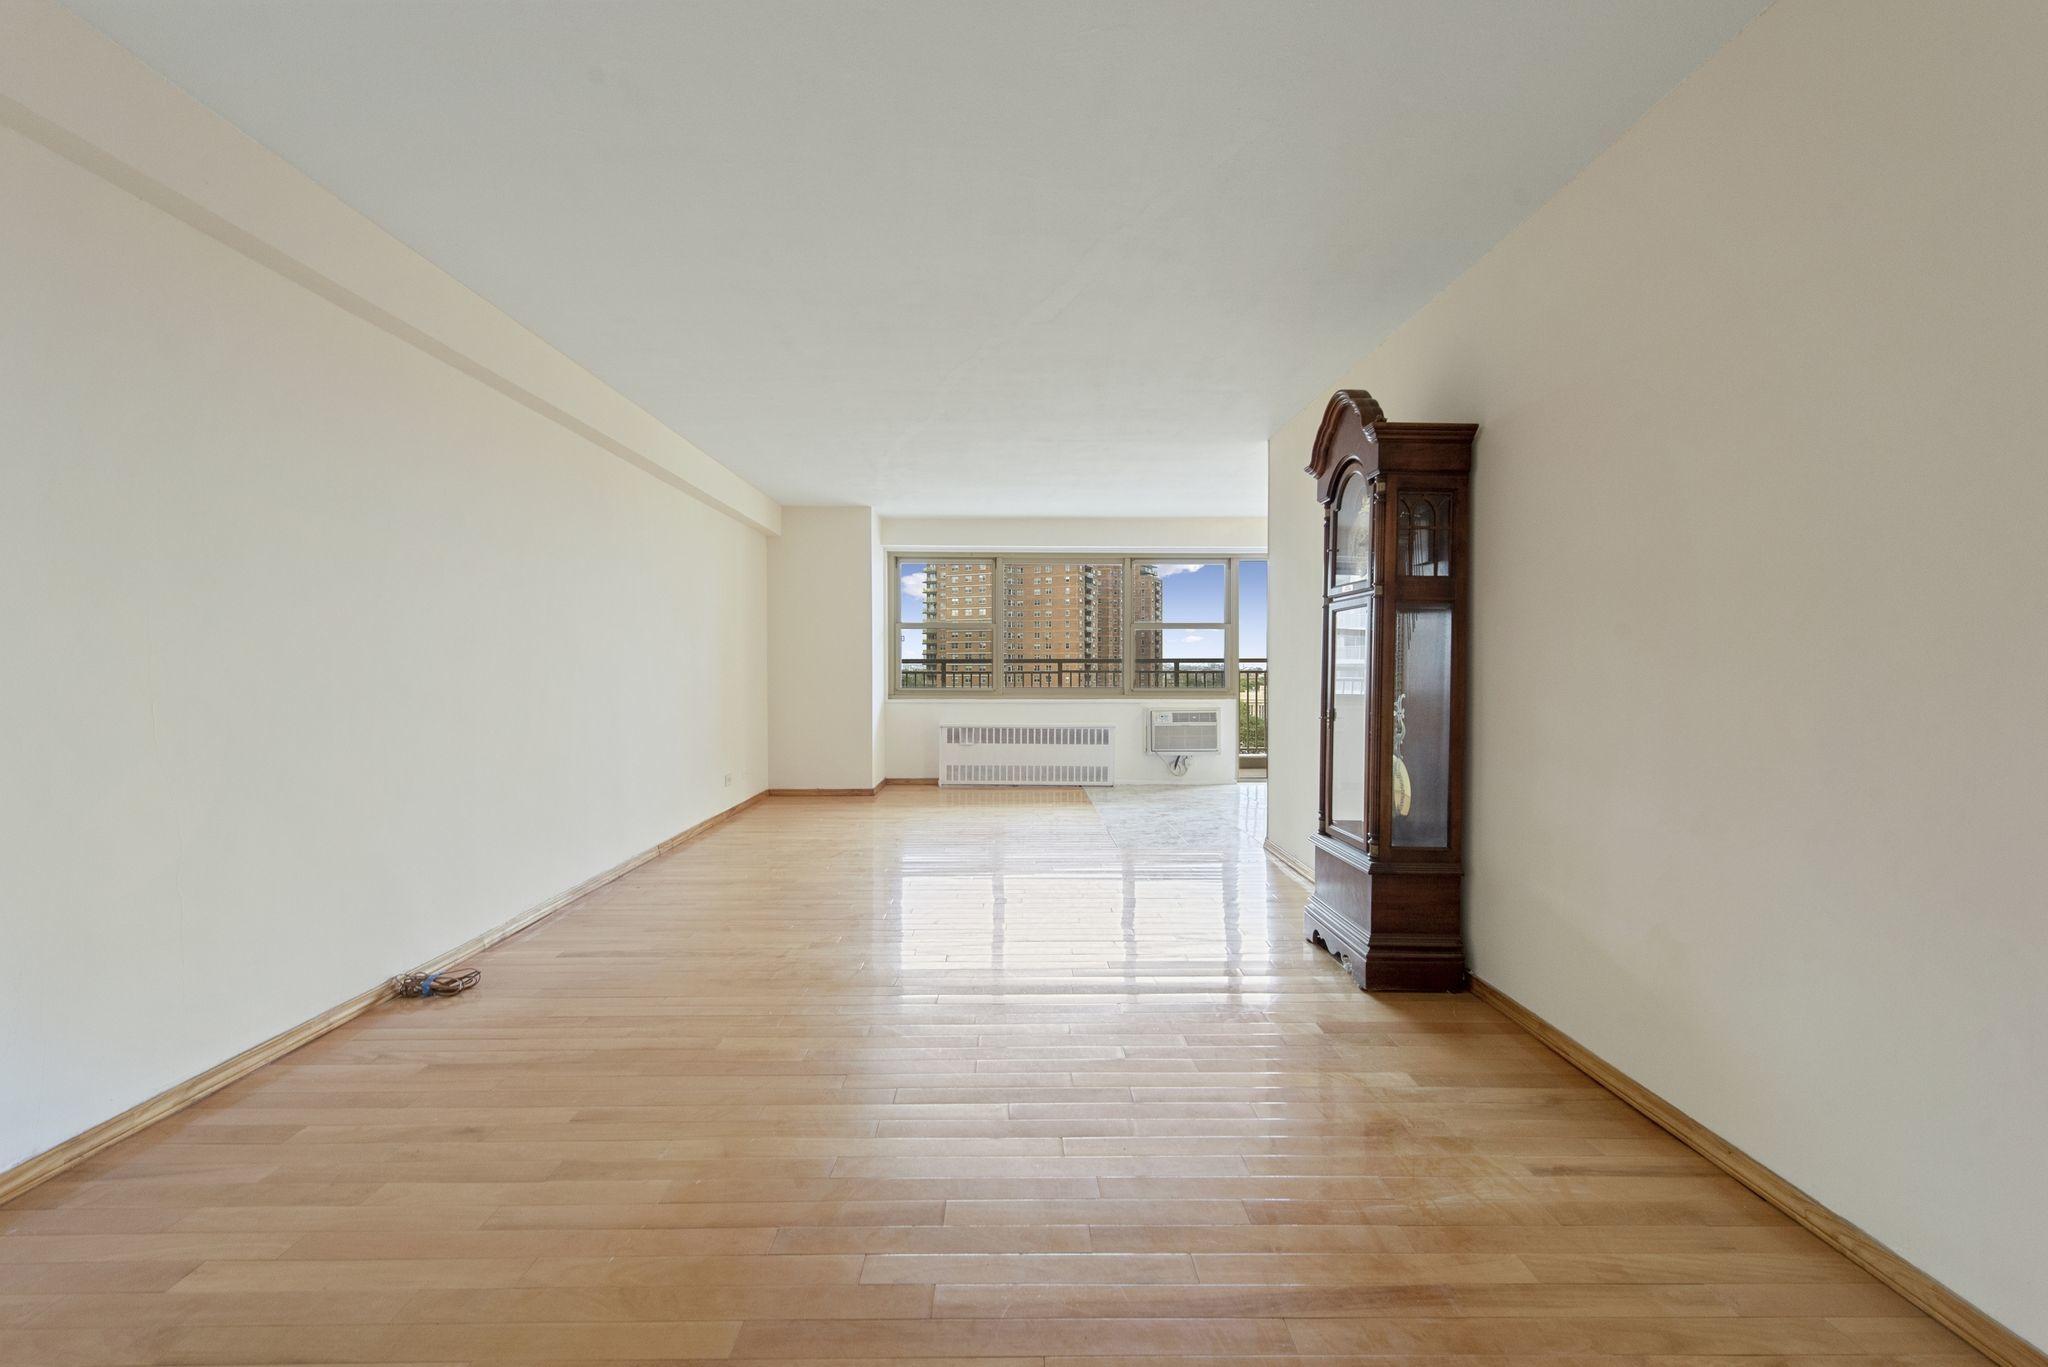 Apartment for sale at 440 Neptune Avenue, Apt 11-P